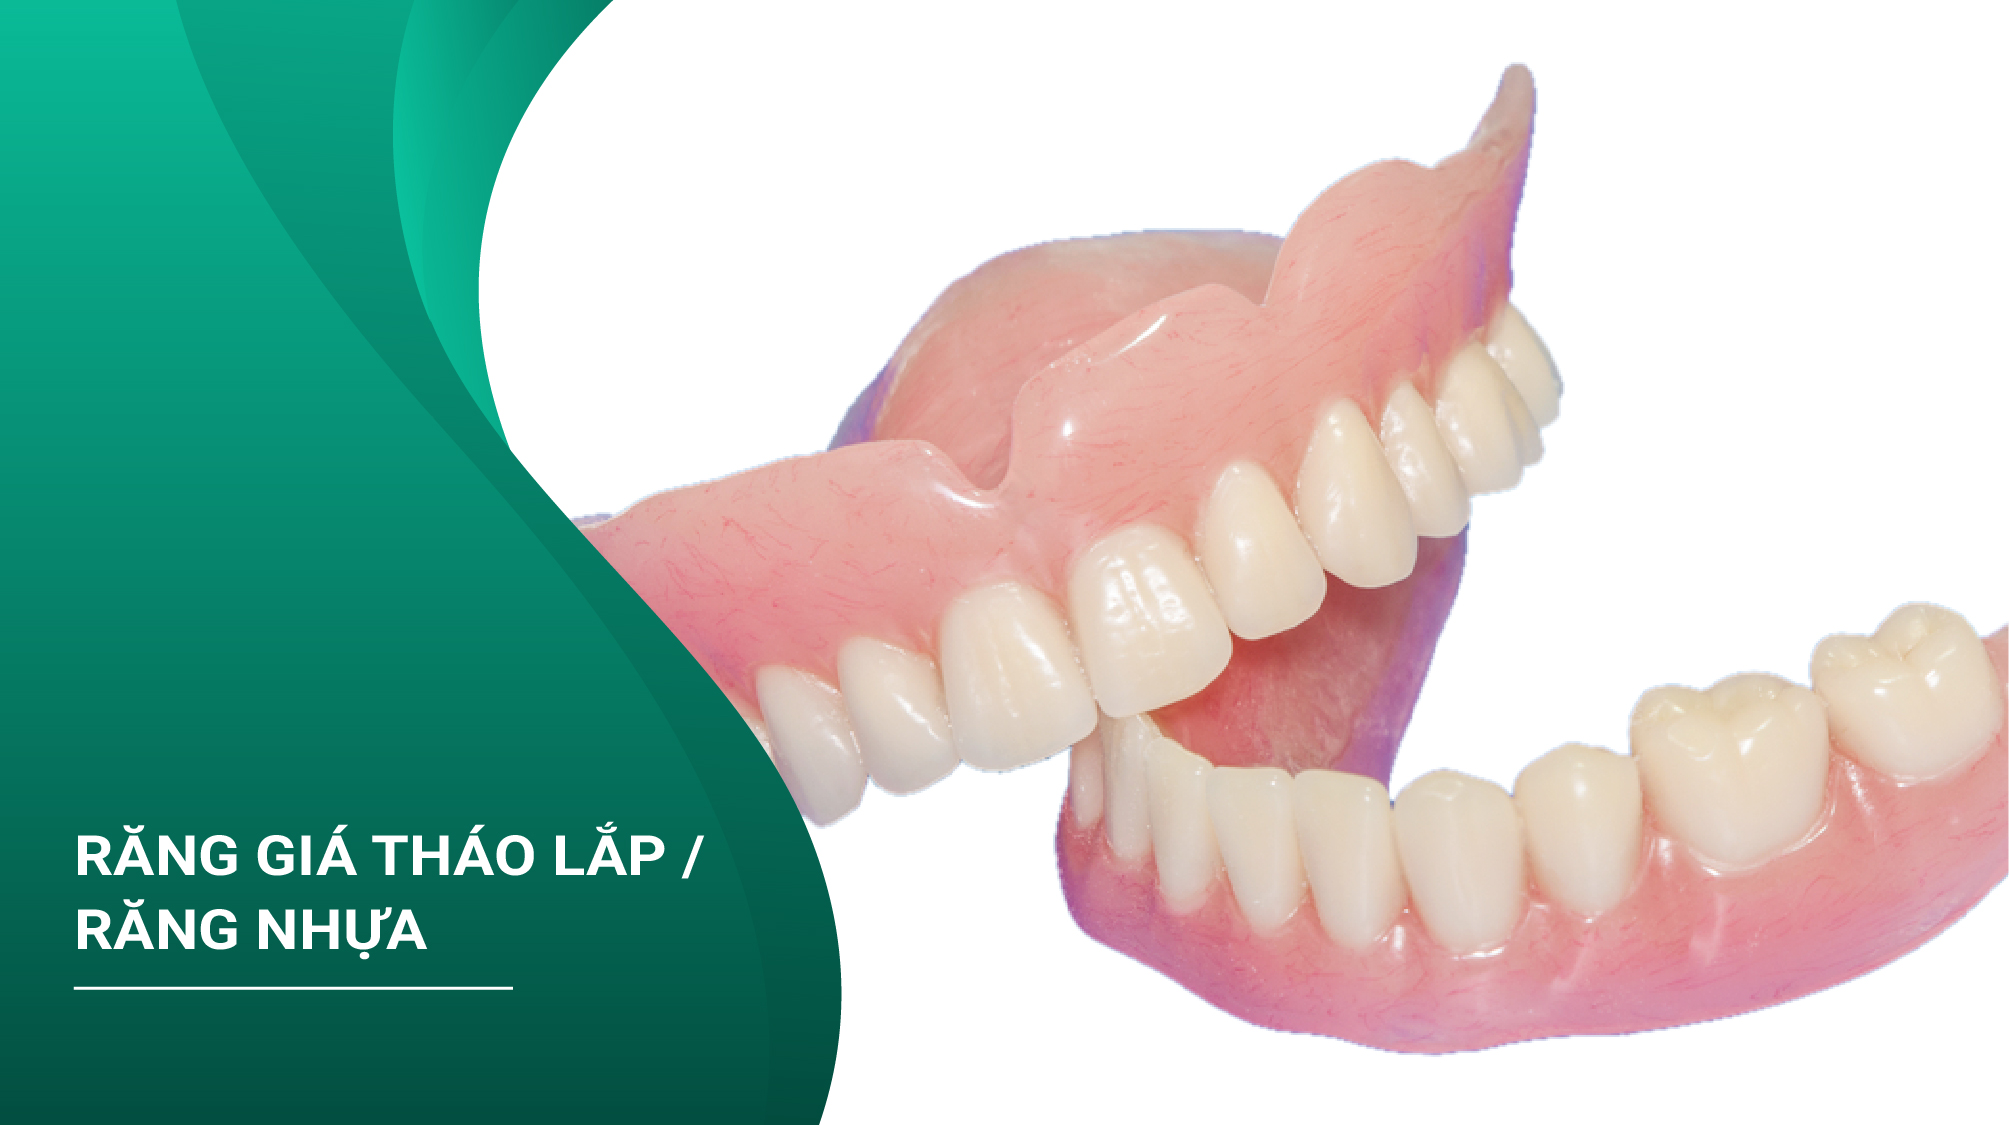 Răng Giả Tháo Lắp/ Răng Nhựa